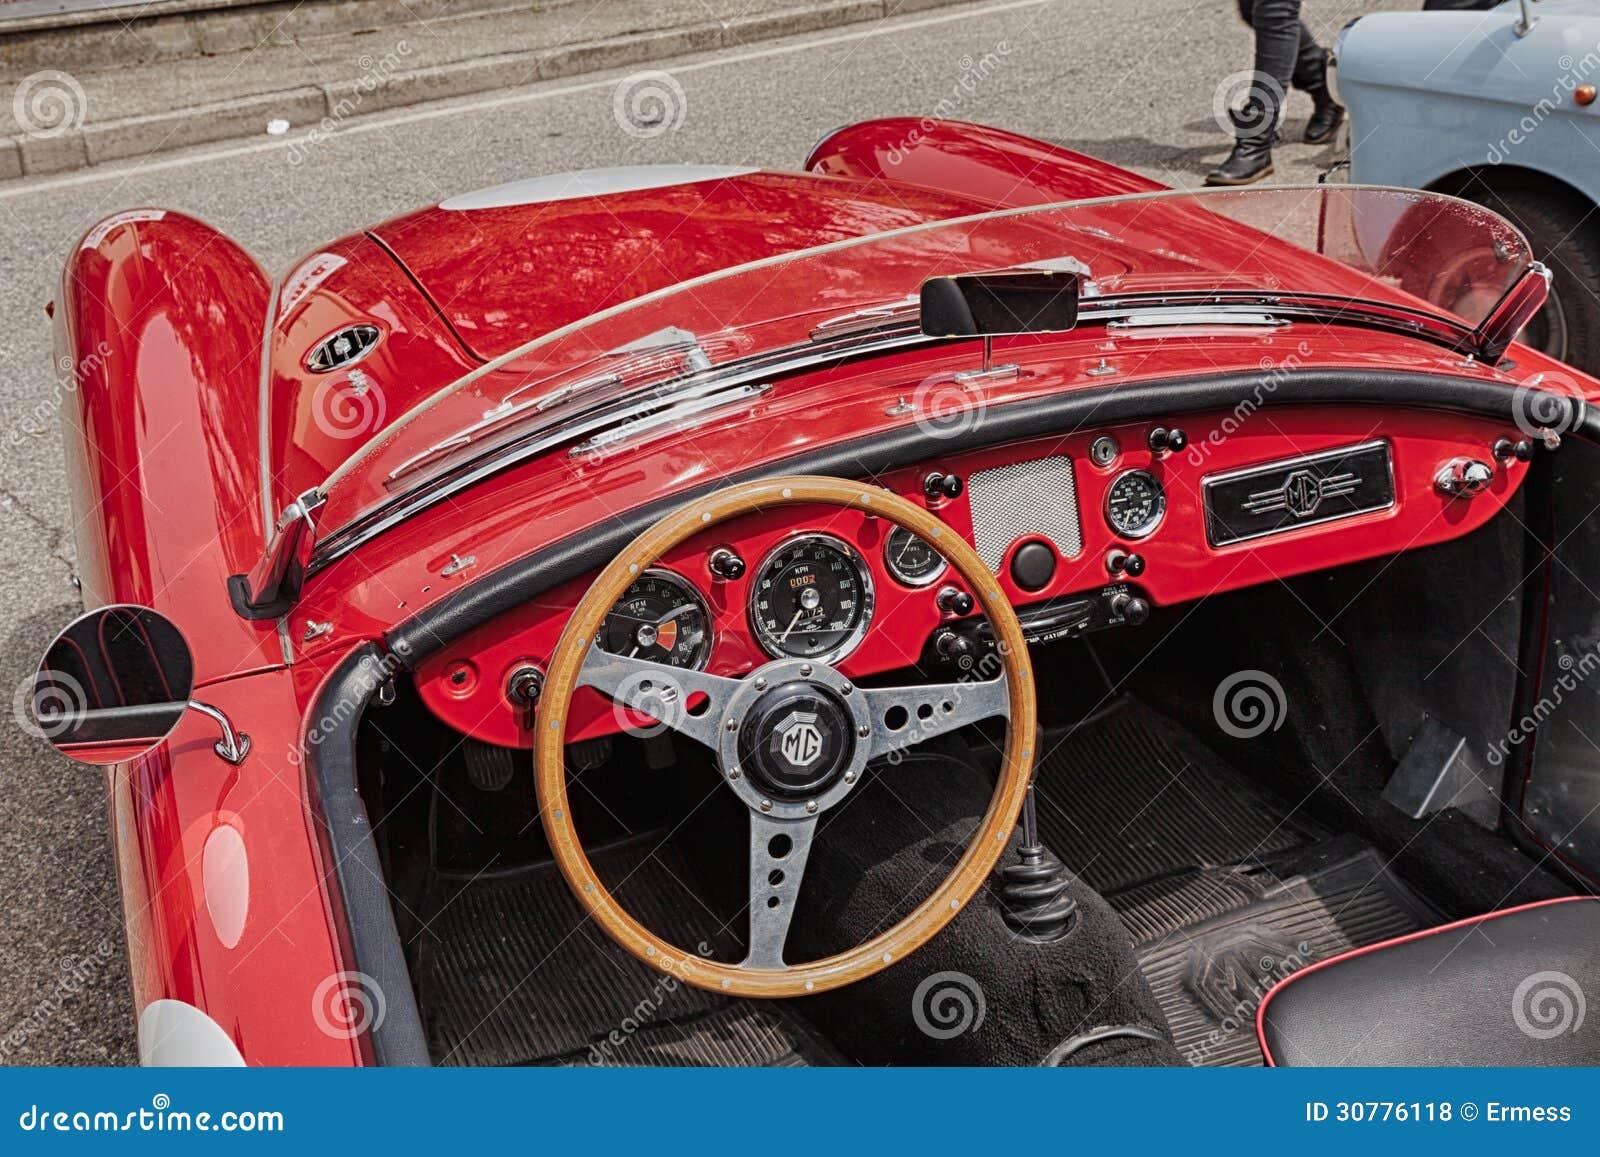 Tableau de bord d 39 une vieille voiture de course photo for Interieur d une voiture